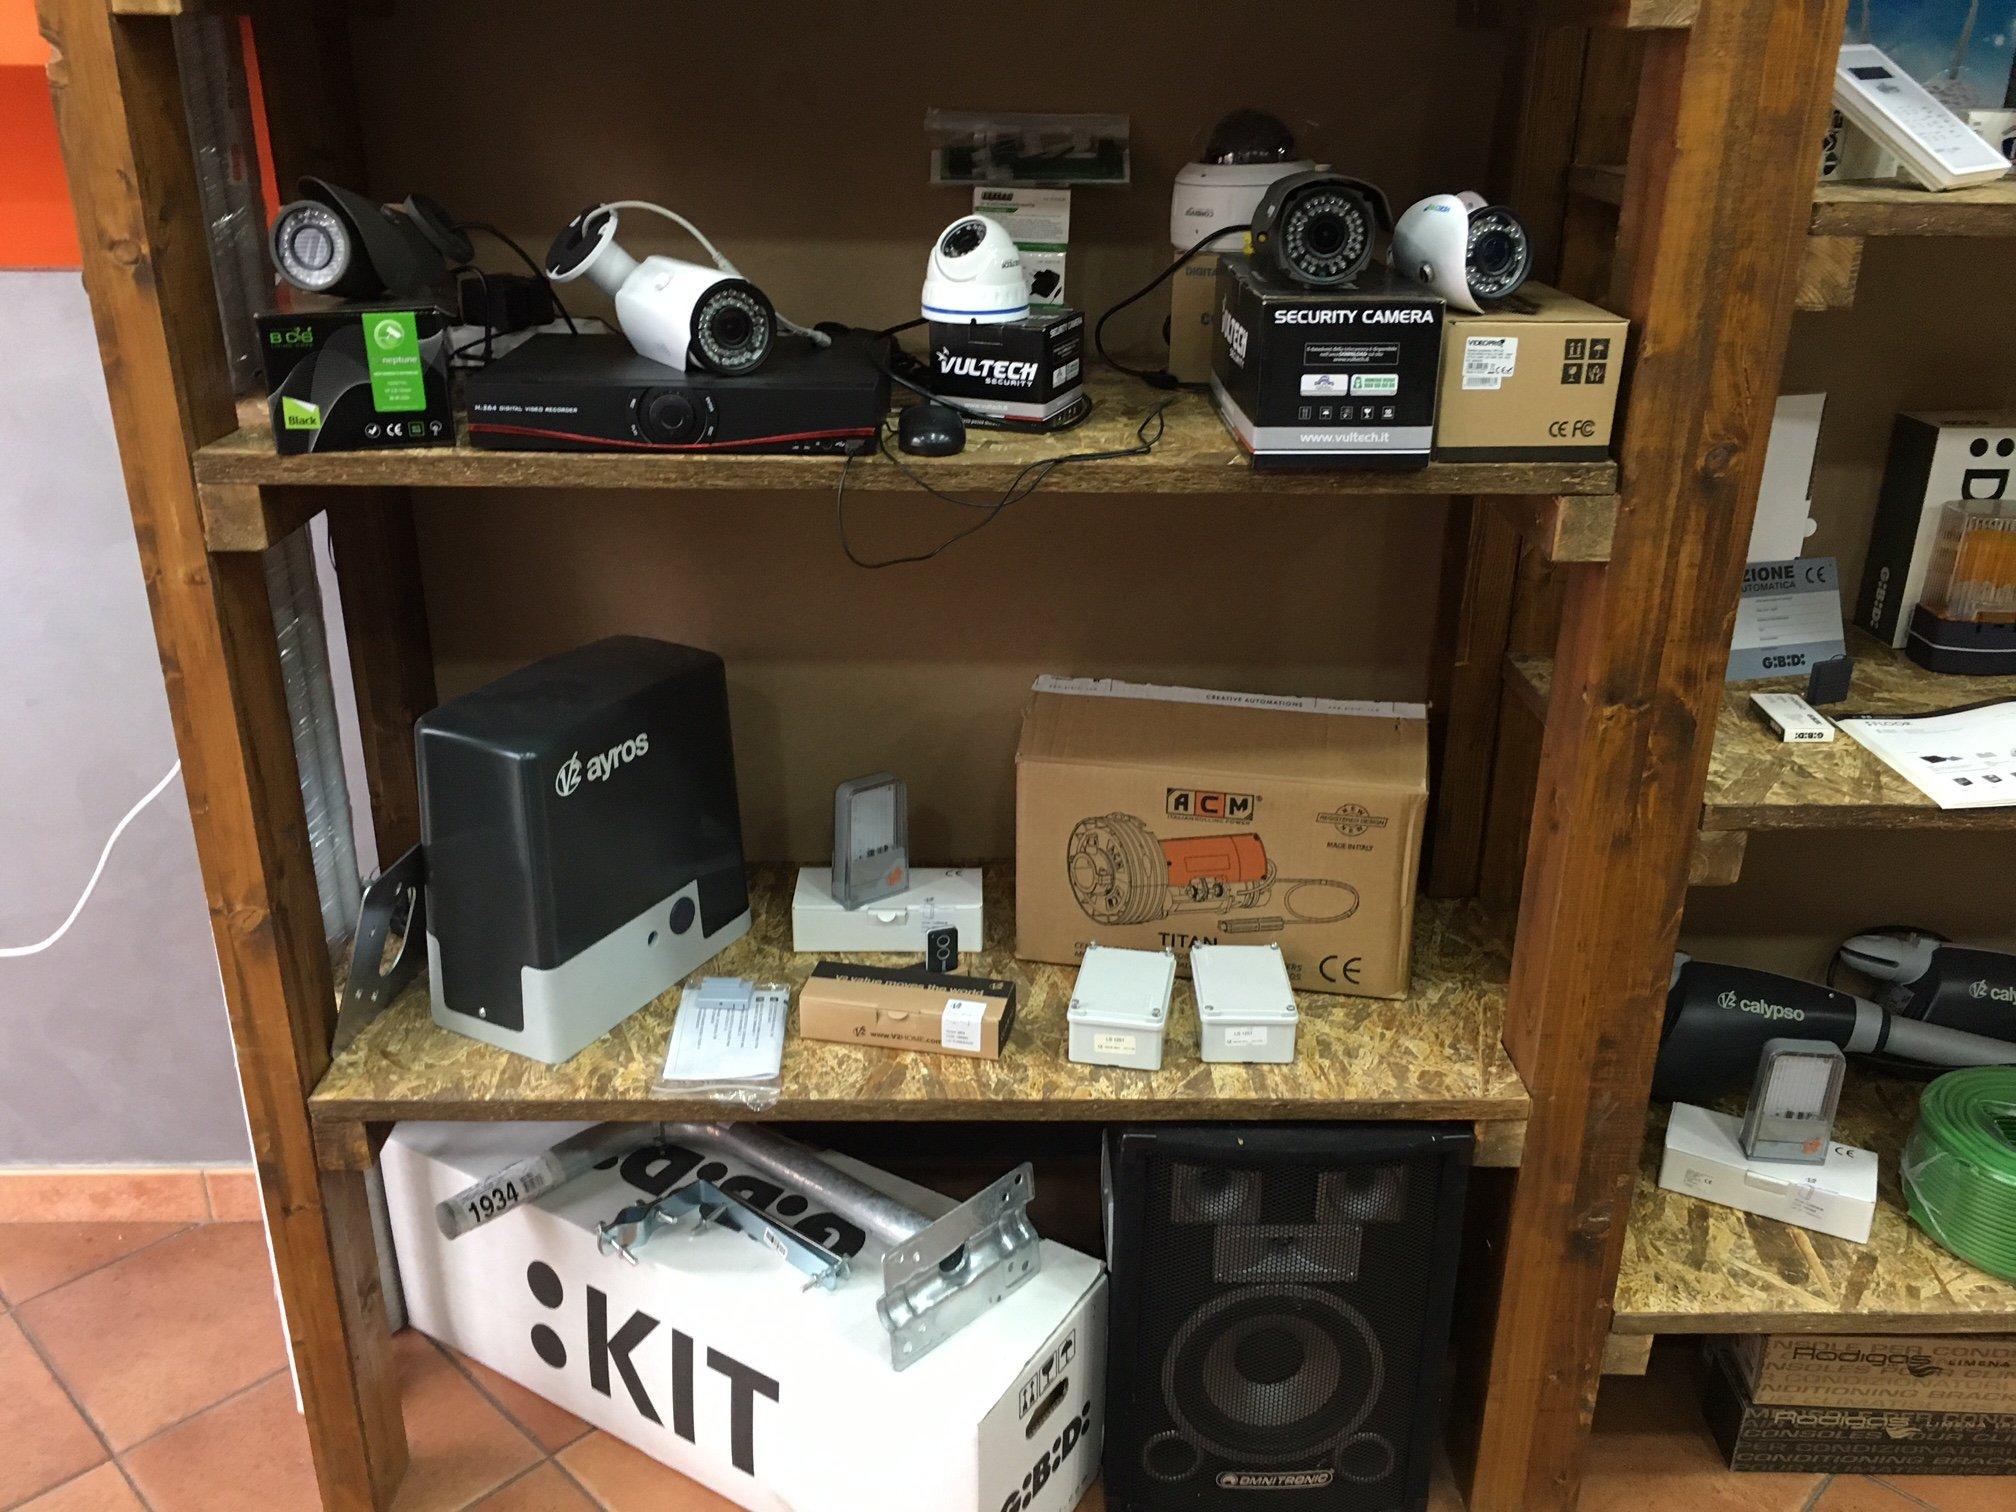 delle telecamere a circuito chiuso in uno scaffale